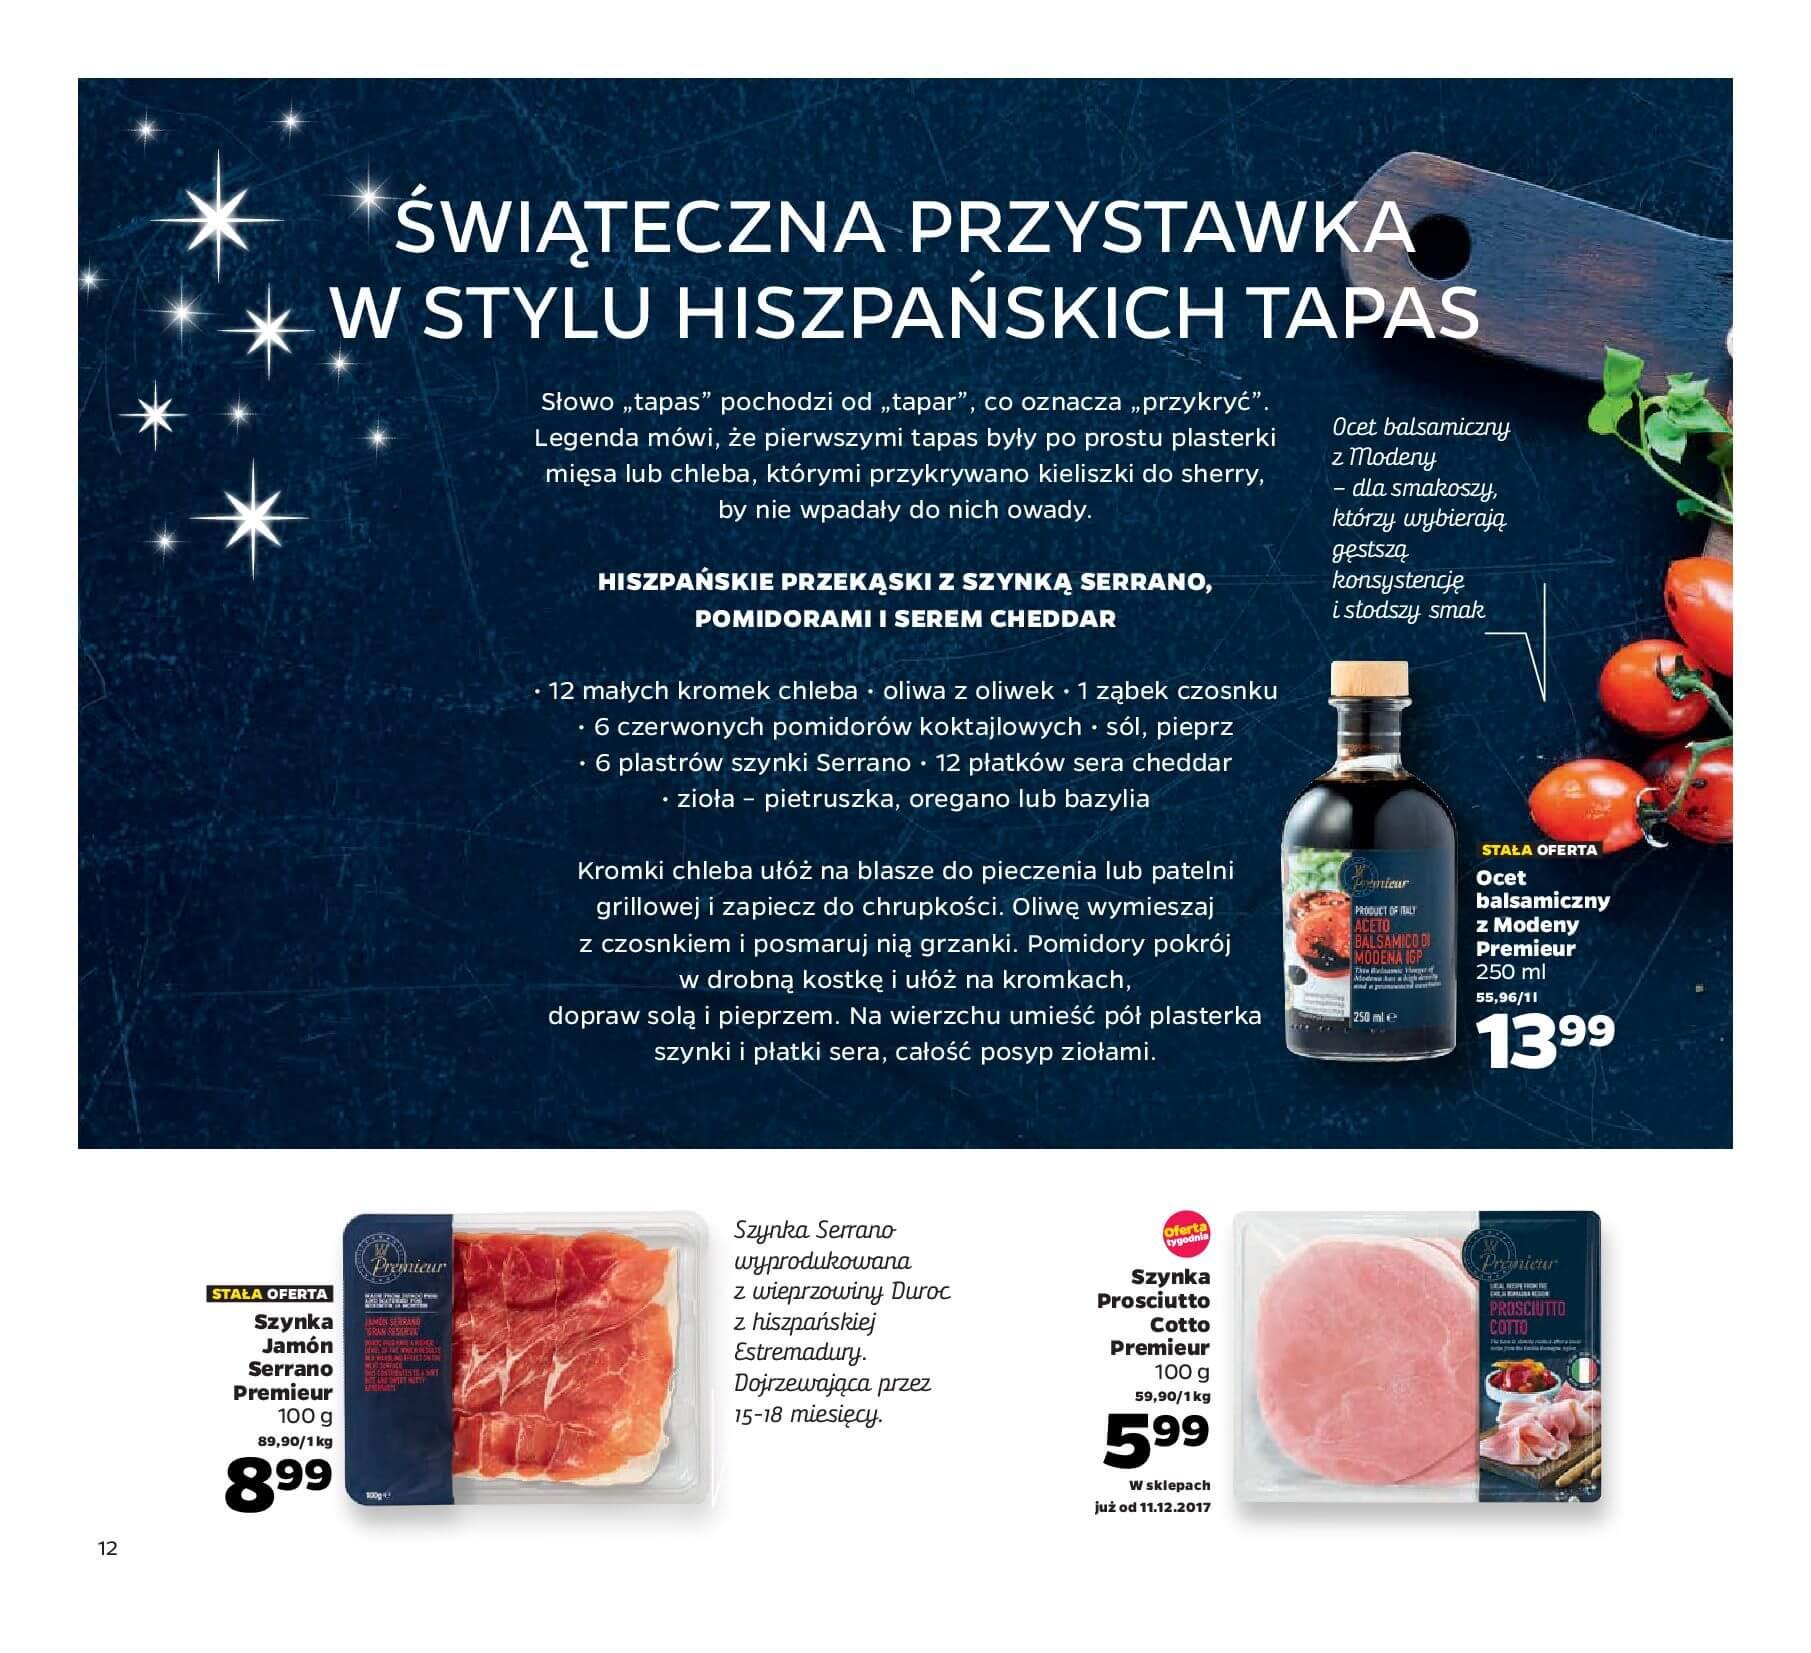 Gazetka Netto - Katalog-2017-11-19-2017-12-31-page-12